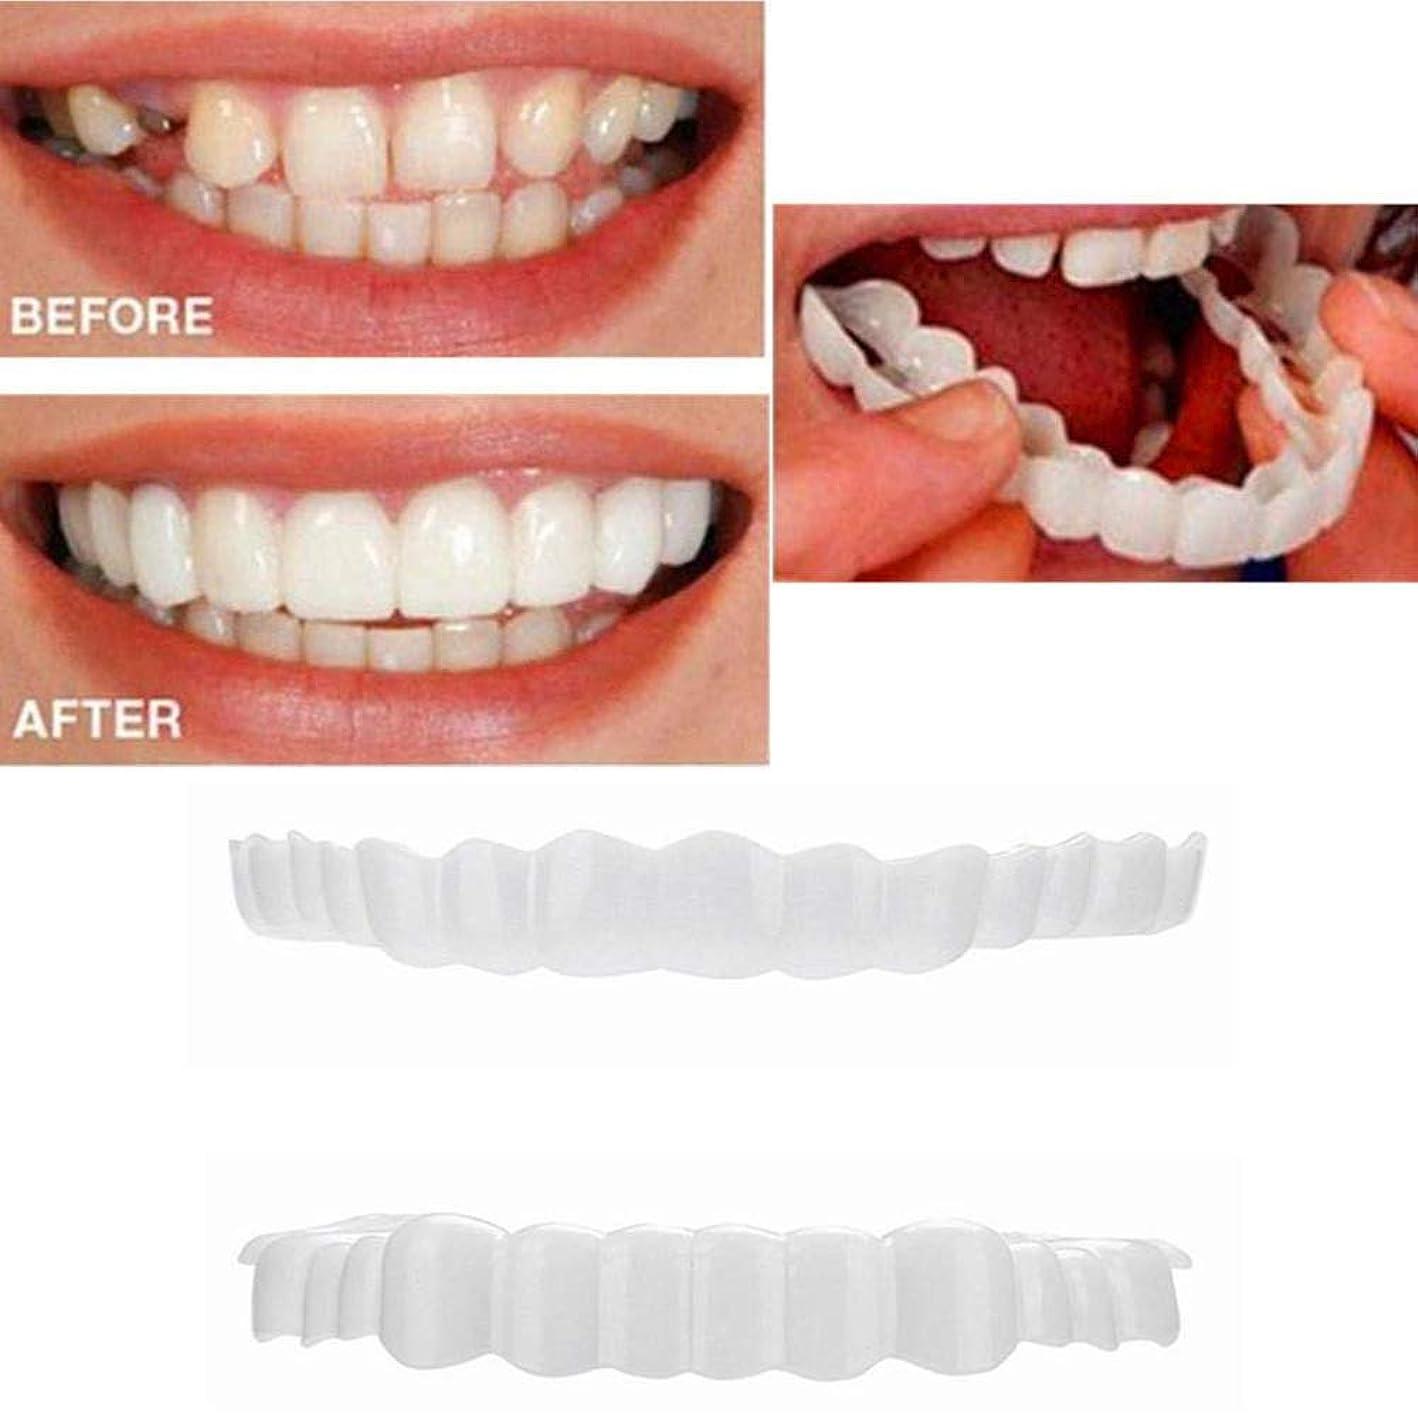 修理可能ウルル間接的最新の化粧板の歯、化粧品の歯3組 - 一時的な笑顔の快適さフィットフレックス化粧品の歯、ワンサイズ、スーペリアーとローワーコンフォートベニア - (Lower + Upper)